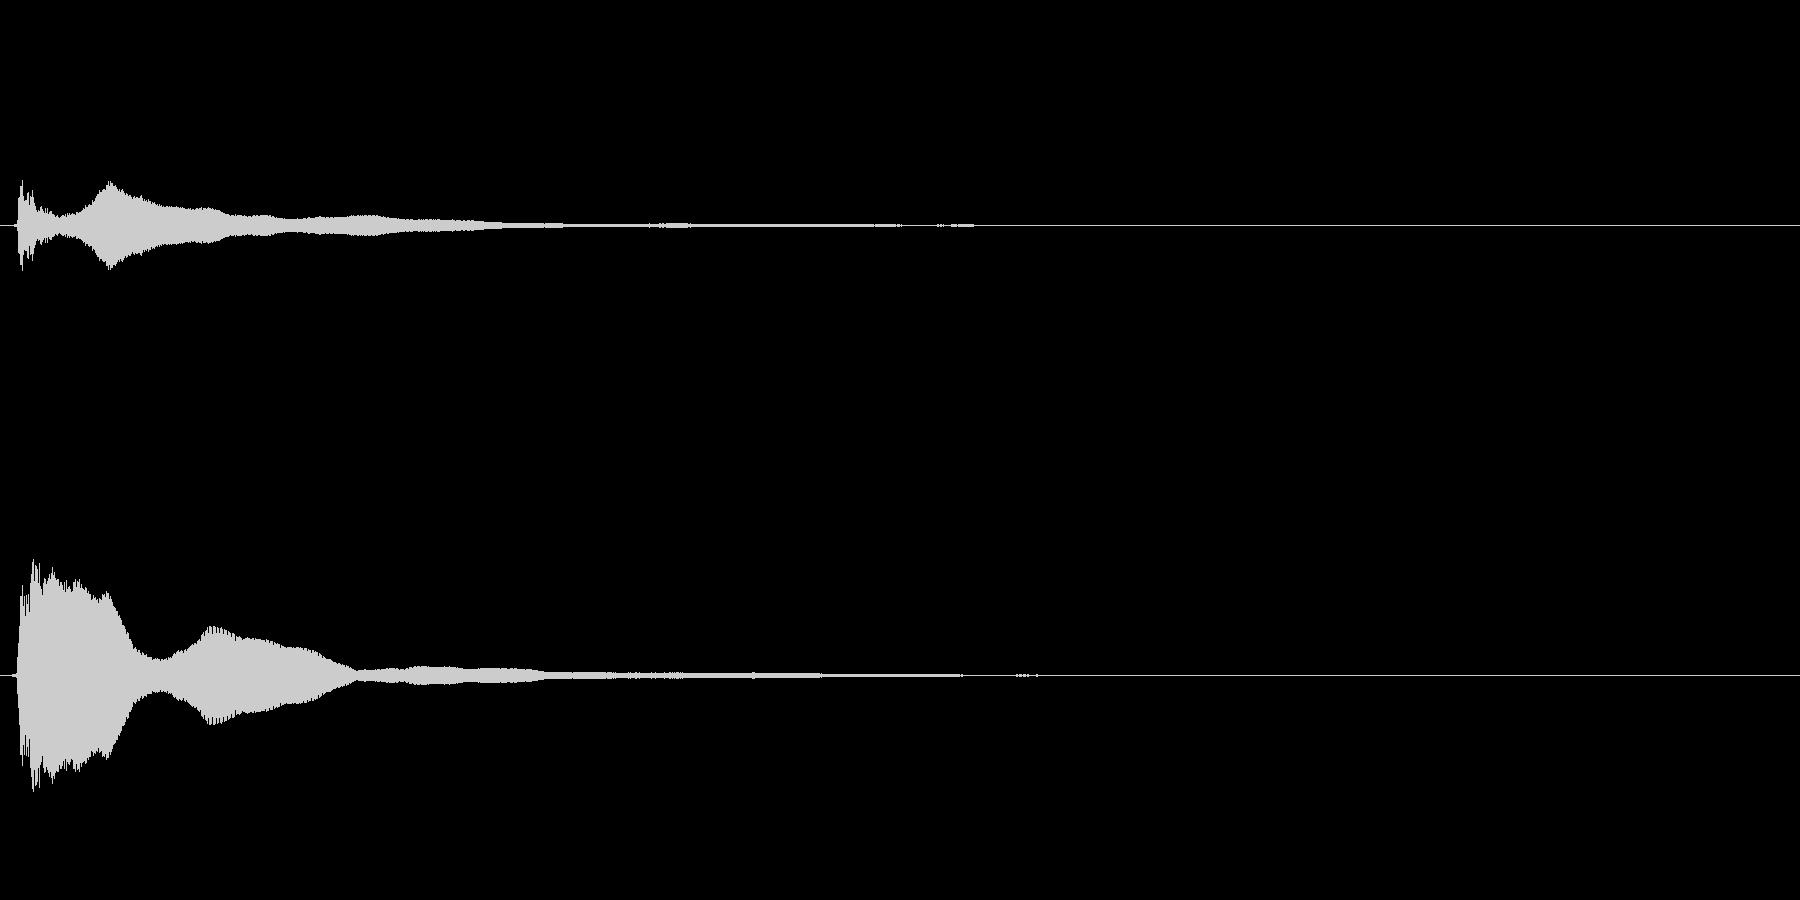 キラキラ系_057の未再生の波形